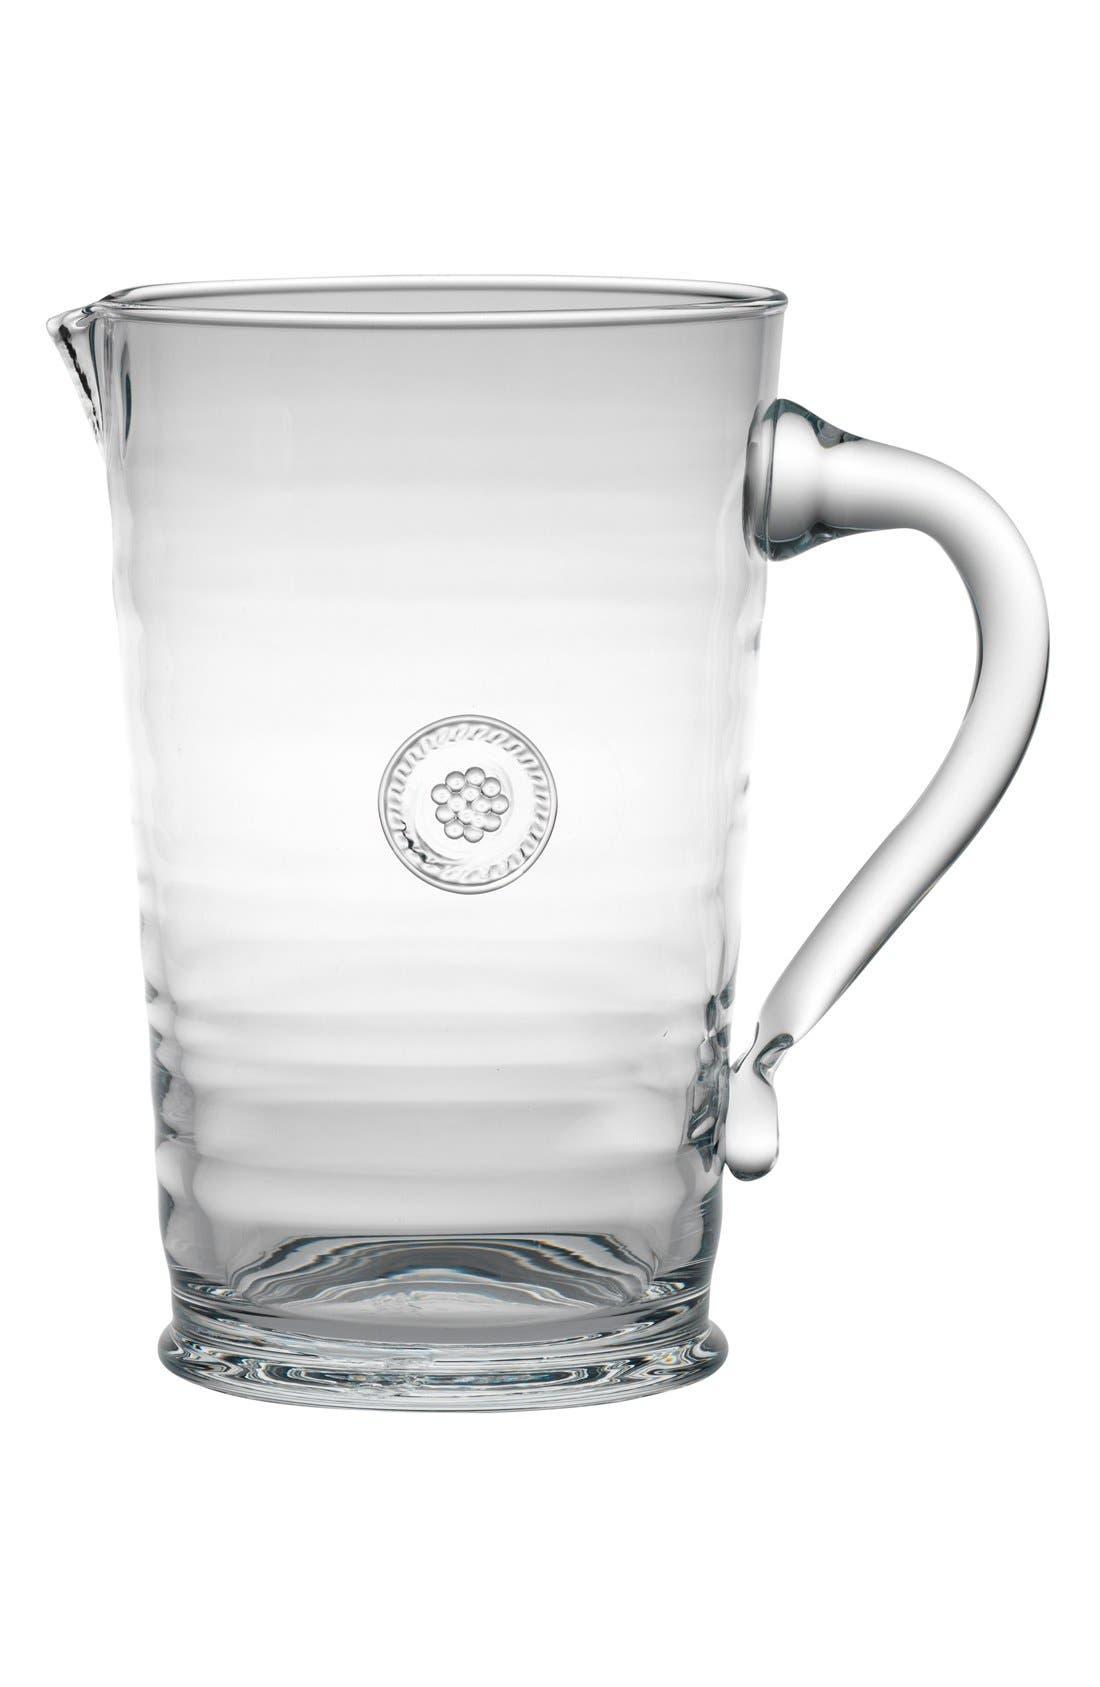 Juliska Berry & Thread Glass Pitcher